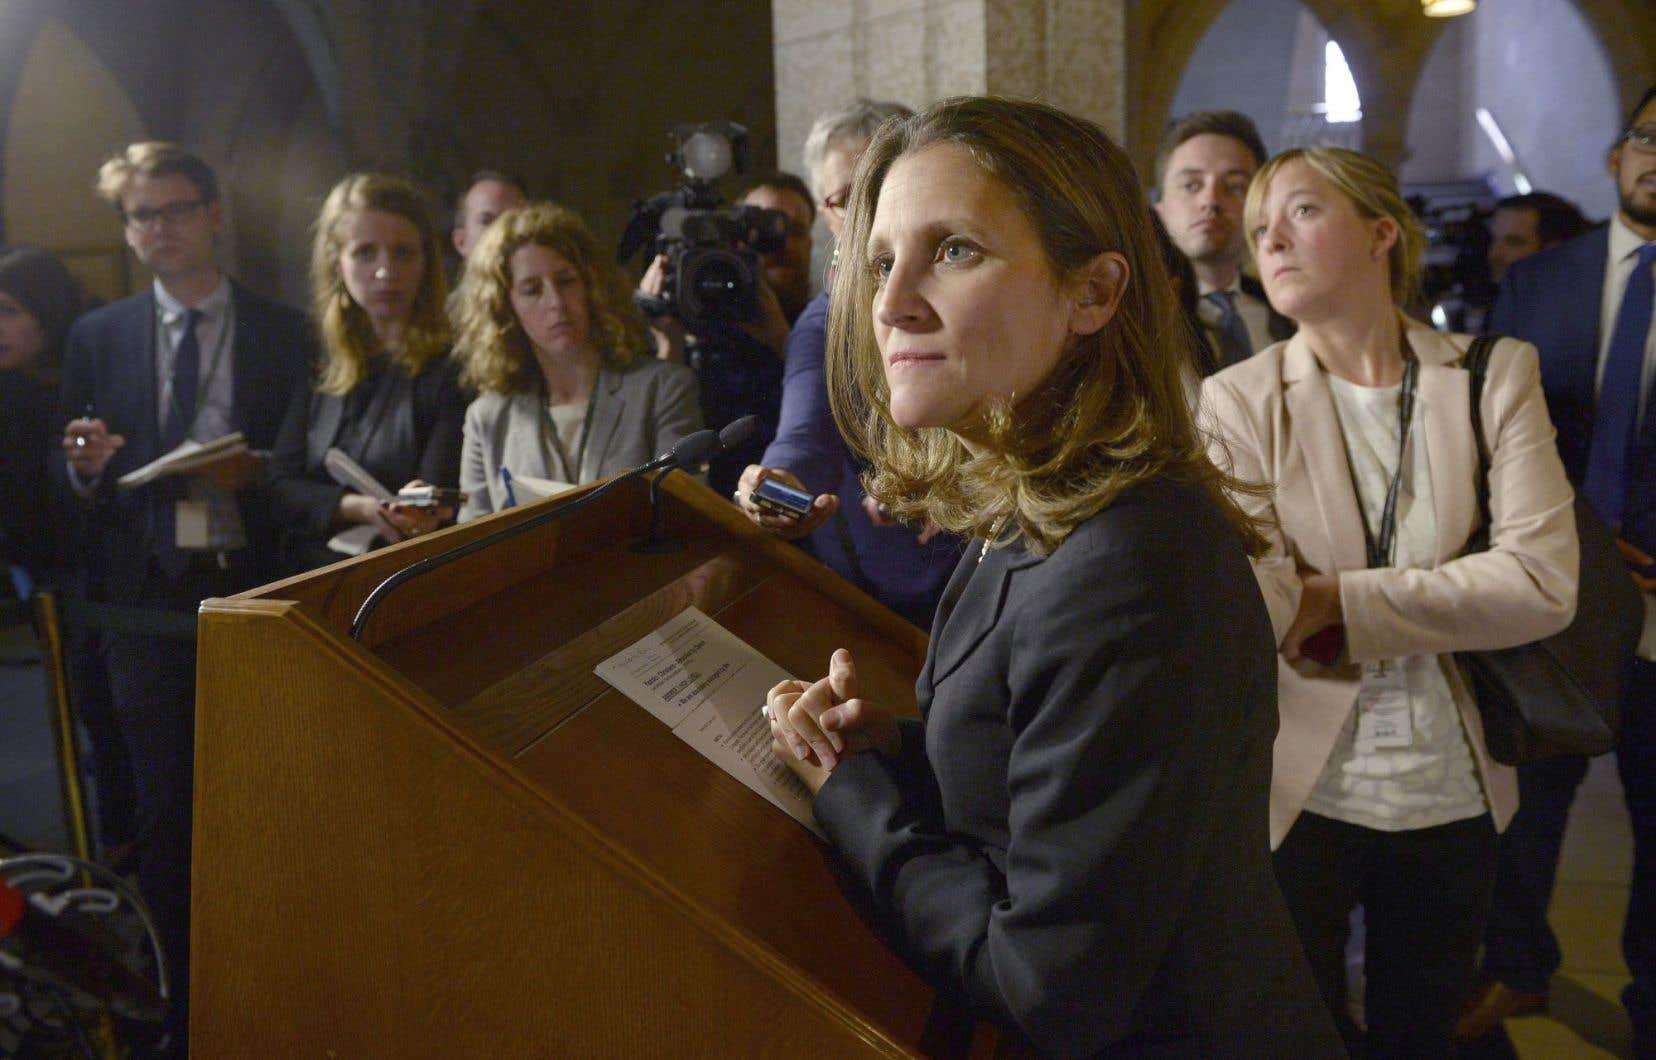 Le Canada entend jouer un rôle de premier plan sur la scène internationale, a expliqué mardi la ministre des Affaires étrangères, Chrystia Freeland.